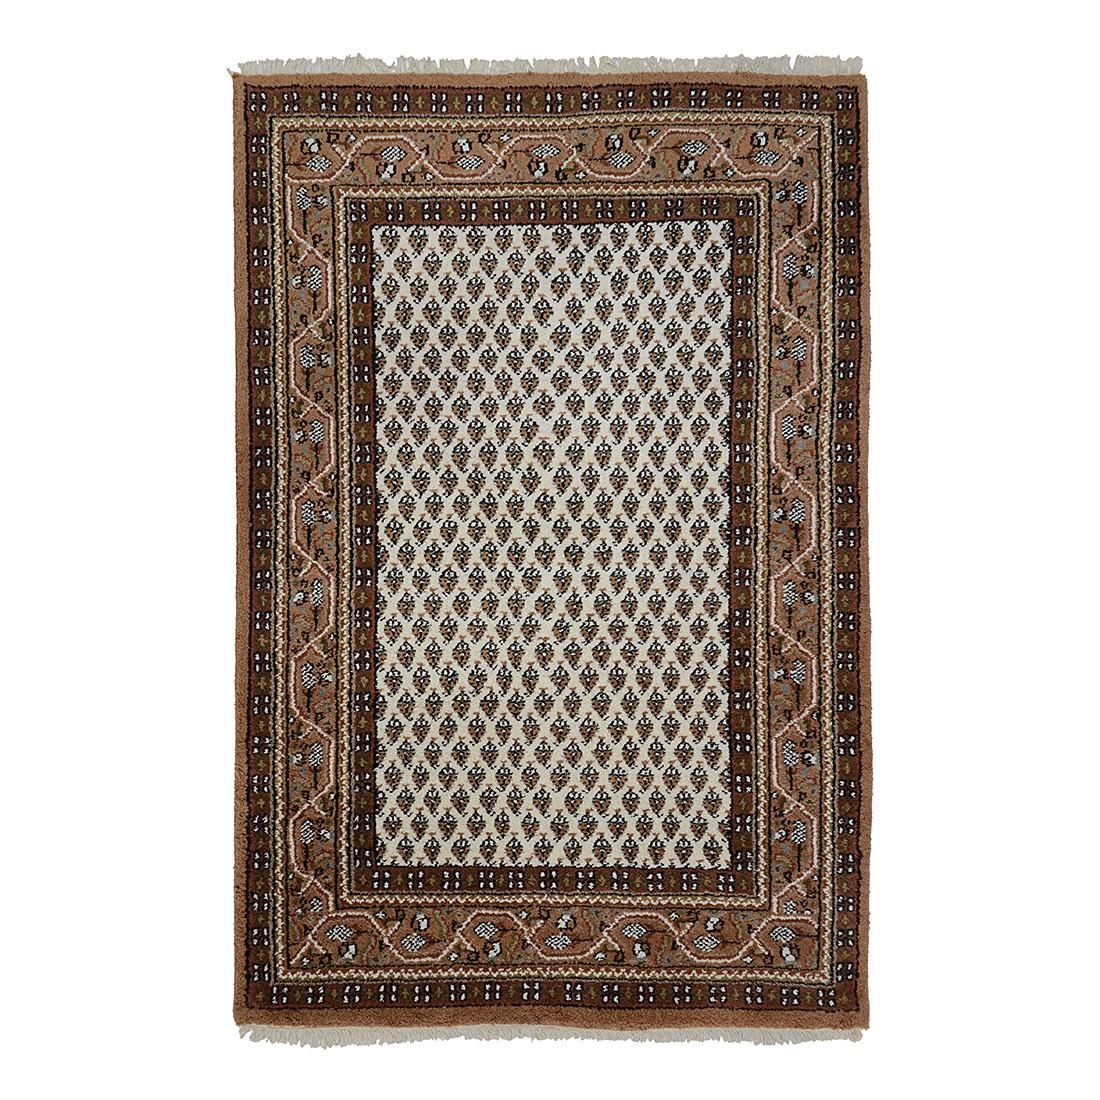 teppich indo mir dehli beige reine wolle 120 x 180 cm parwis g nstig bestellen. Black Bedroom Furniture Sets. Home Design Ideas